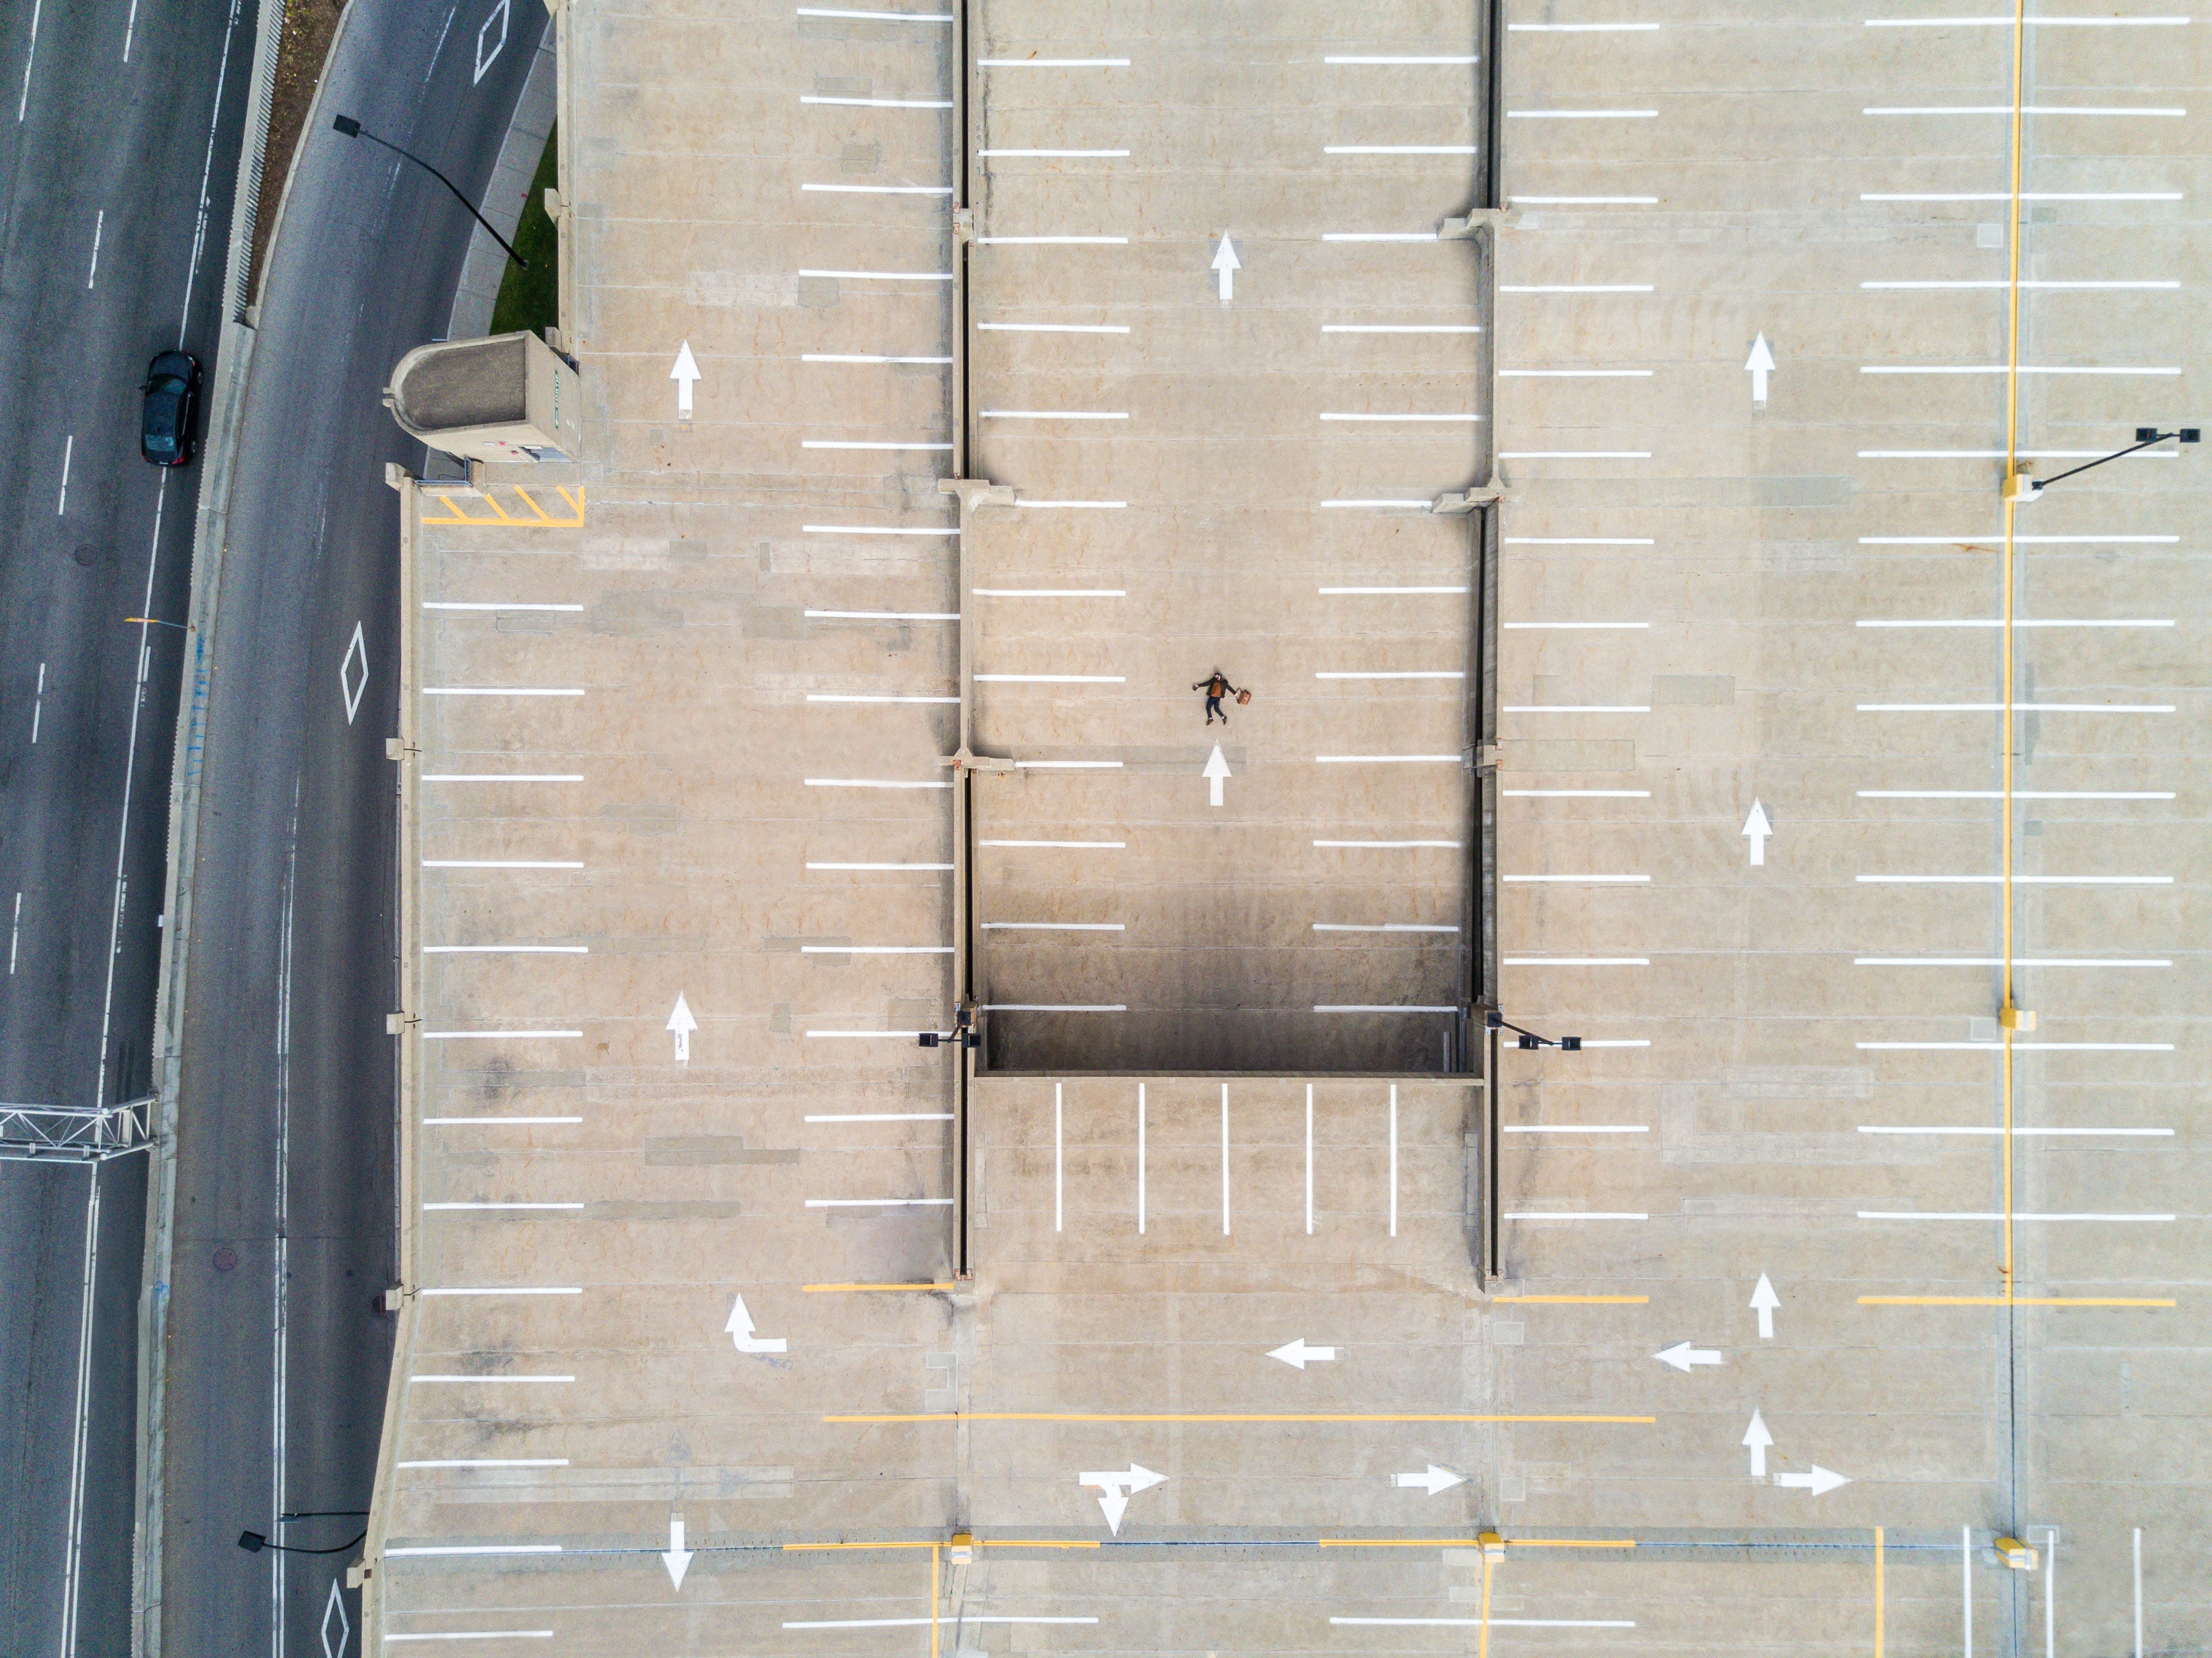 Parkplatz symbolbild strukturierte promotion.c45497a1bacad2757ec5d0877187bfd10